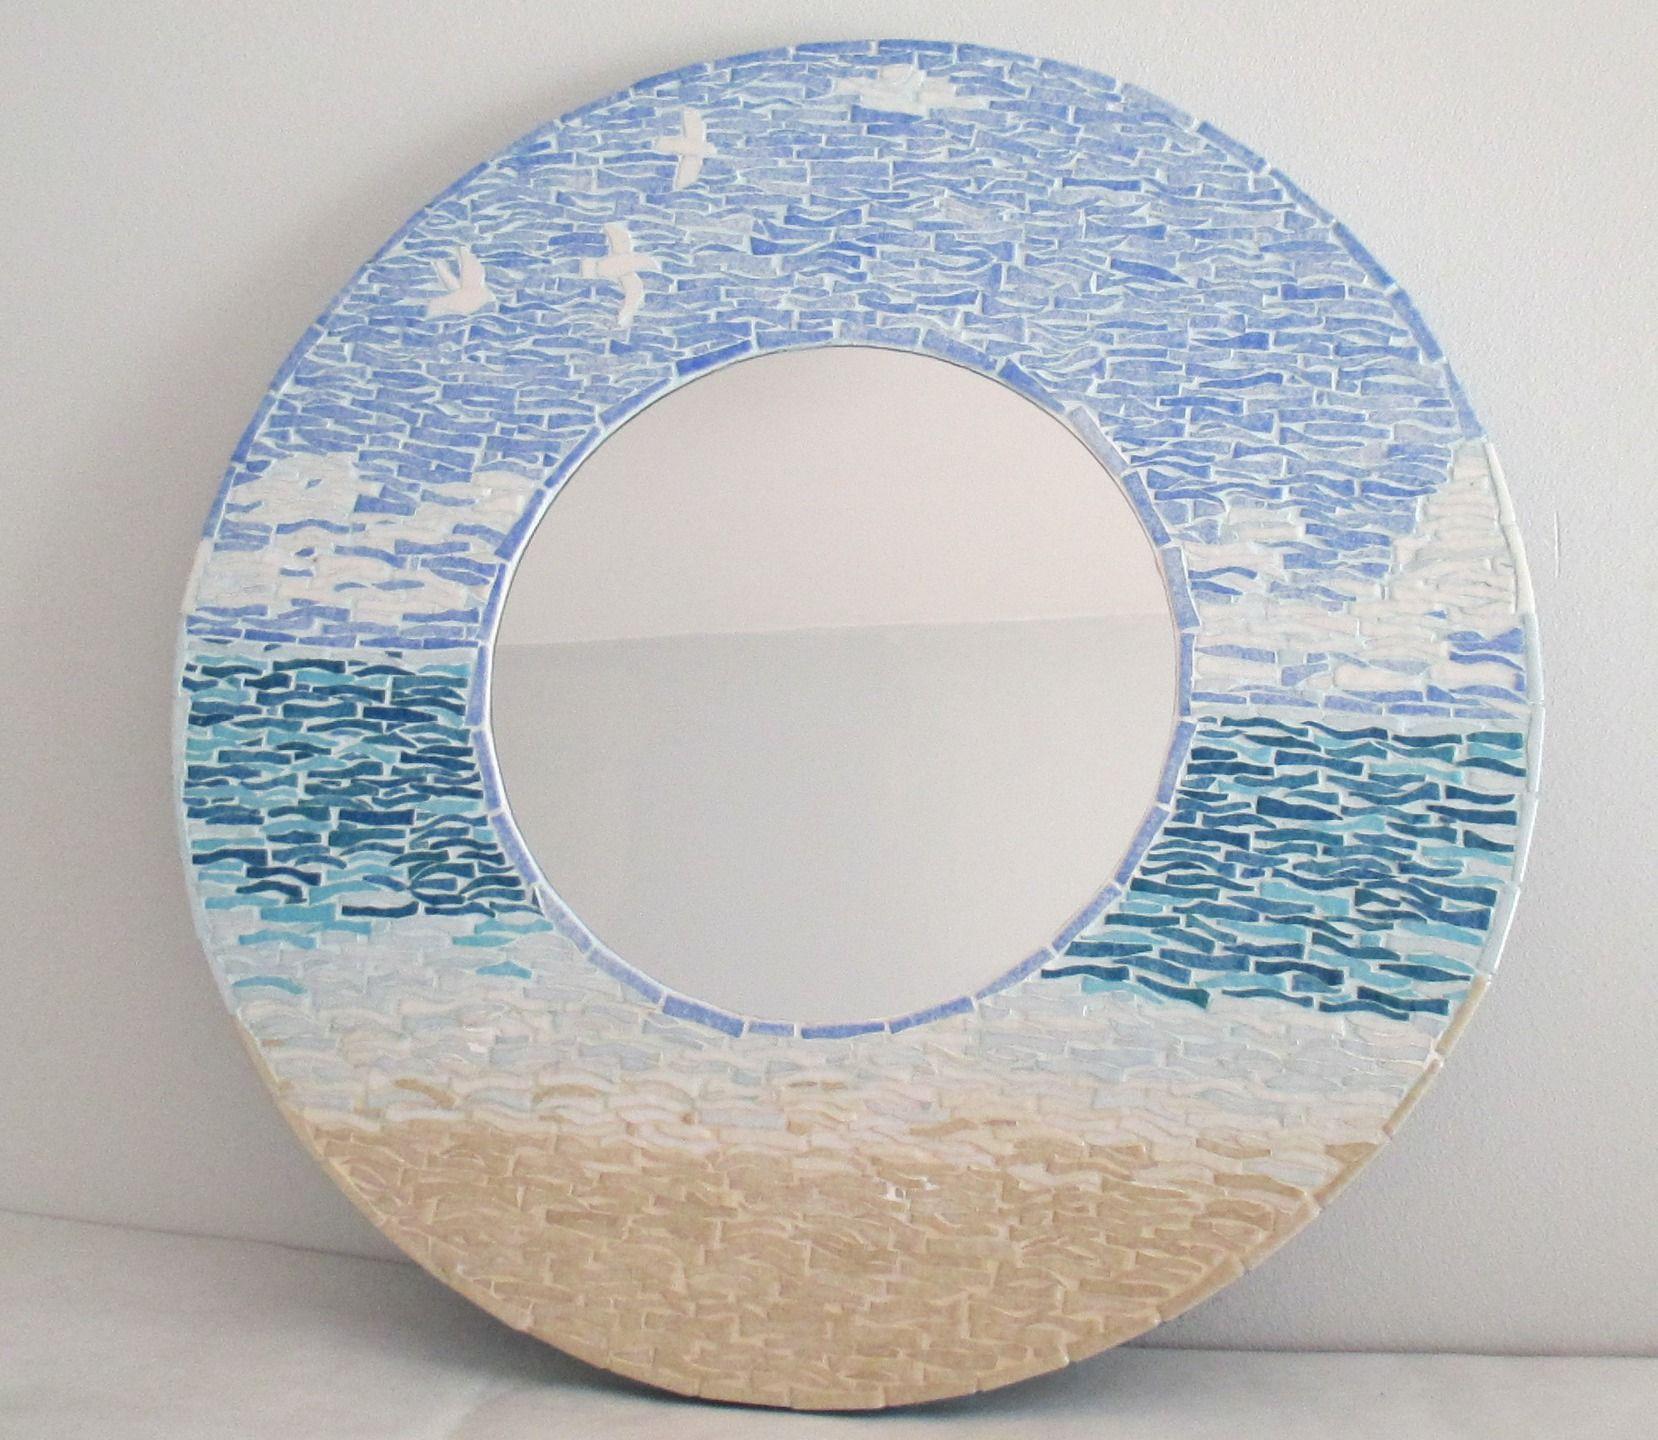 Miroir mosa que la mer mosa ques par nauramosaique for Miroir rond mosaique